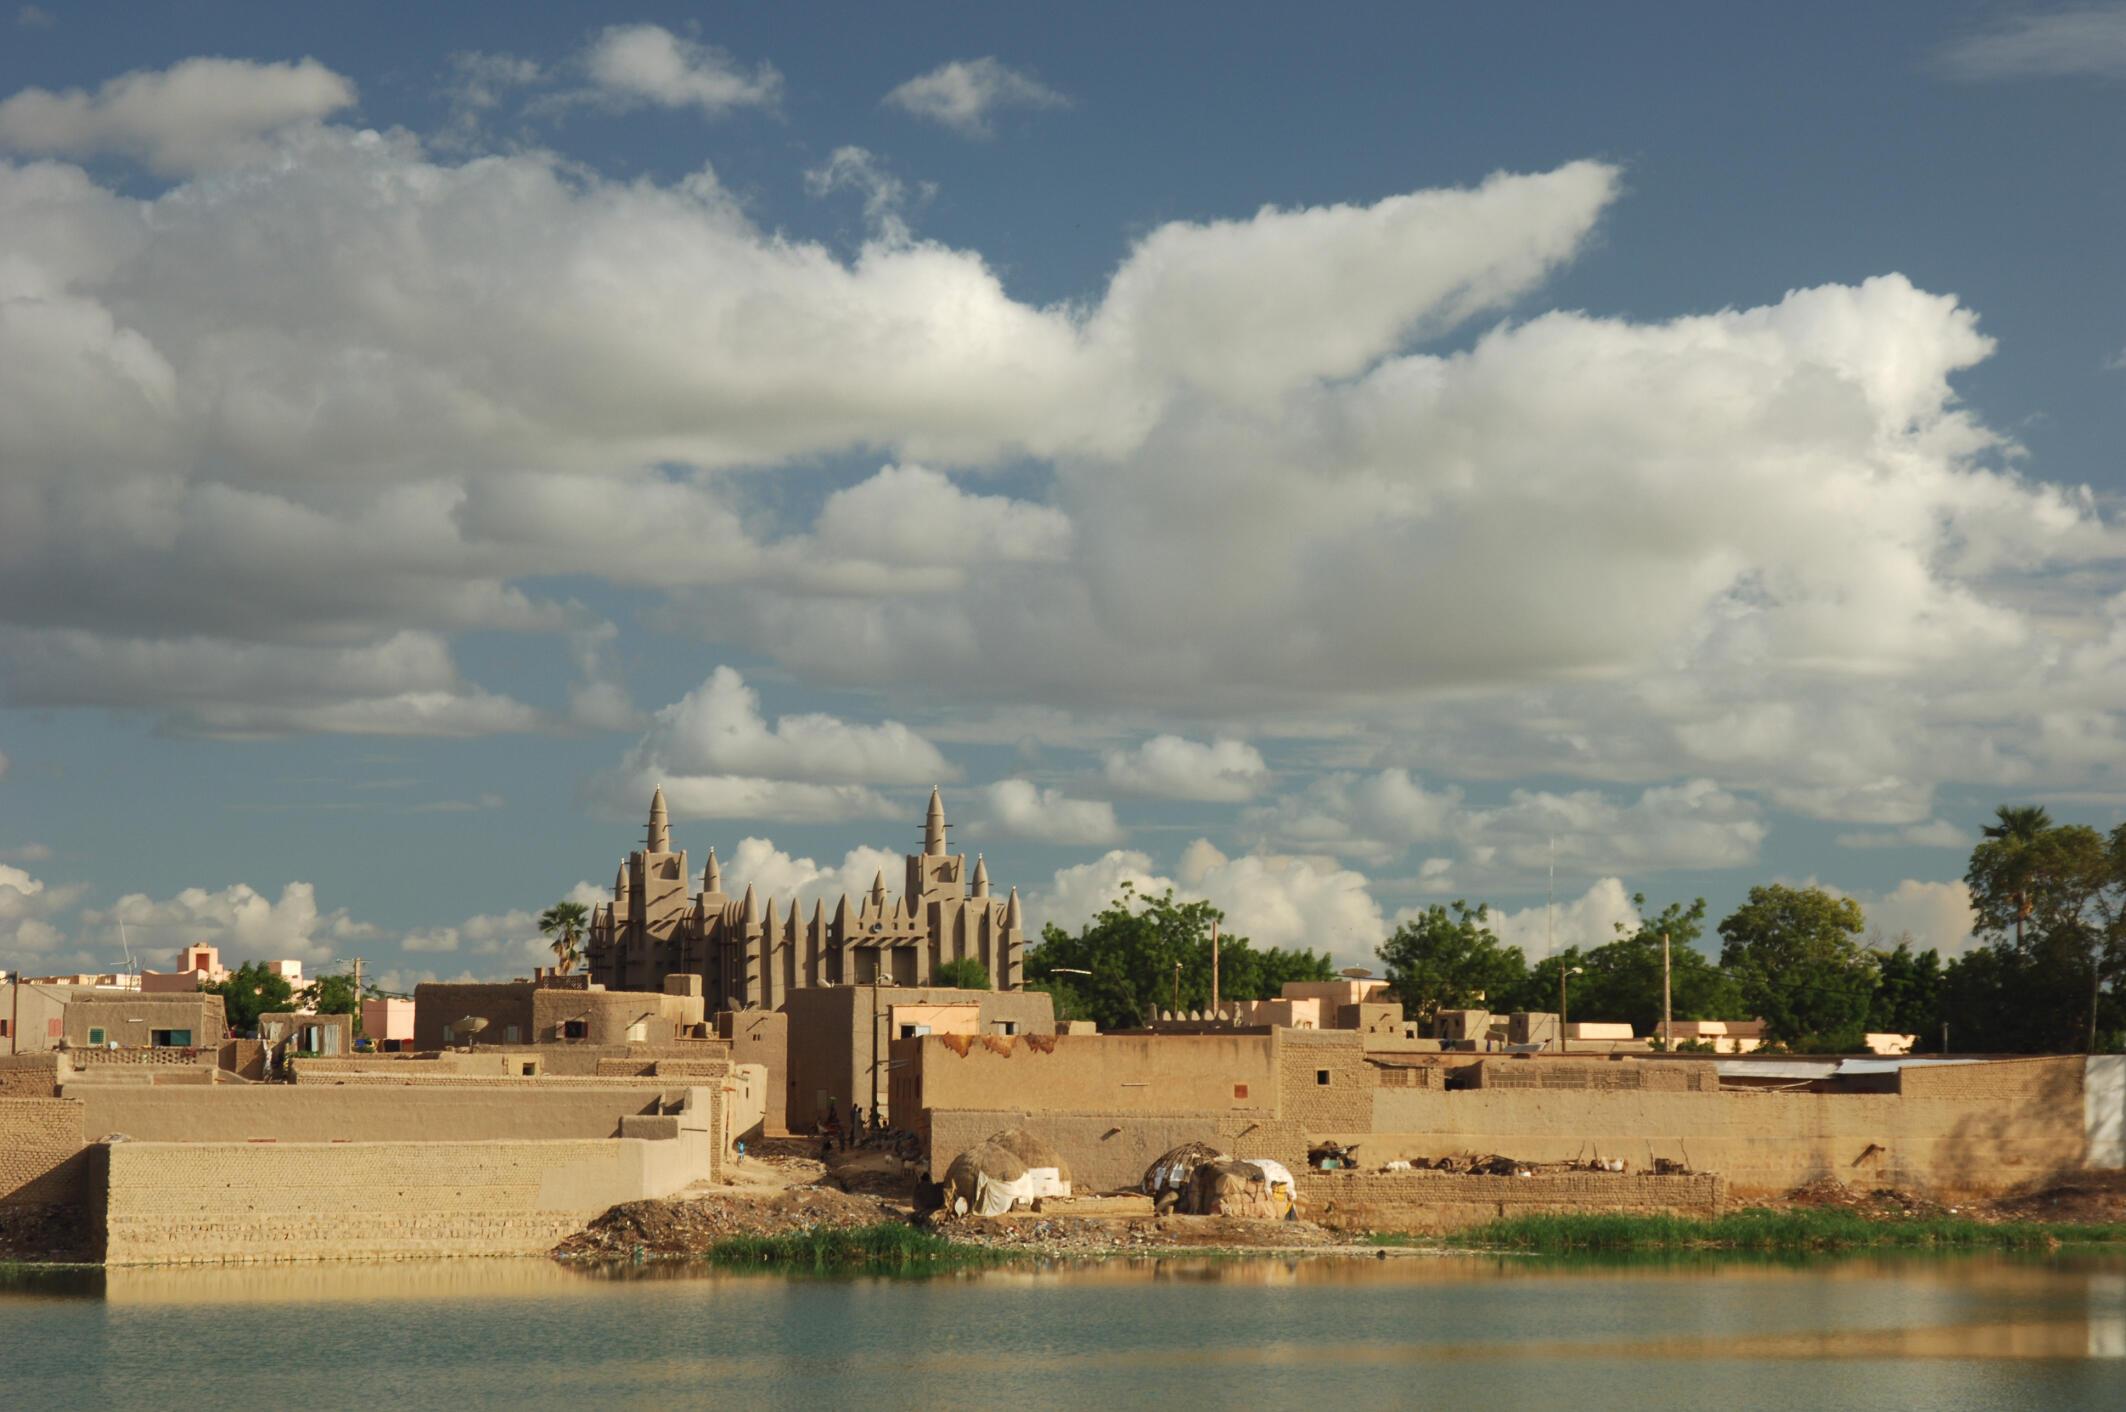 Vue de Mopti, ville du centre du Mali.